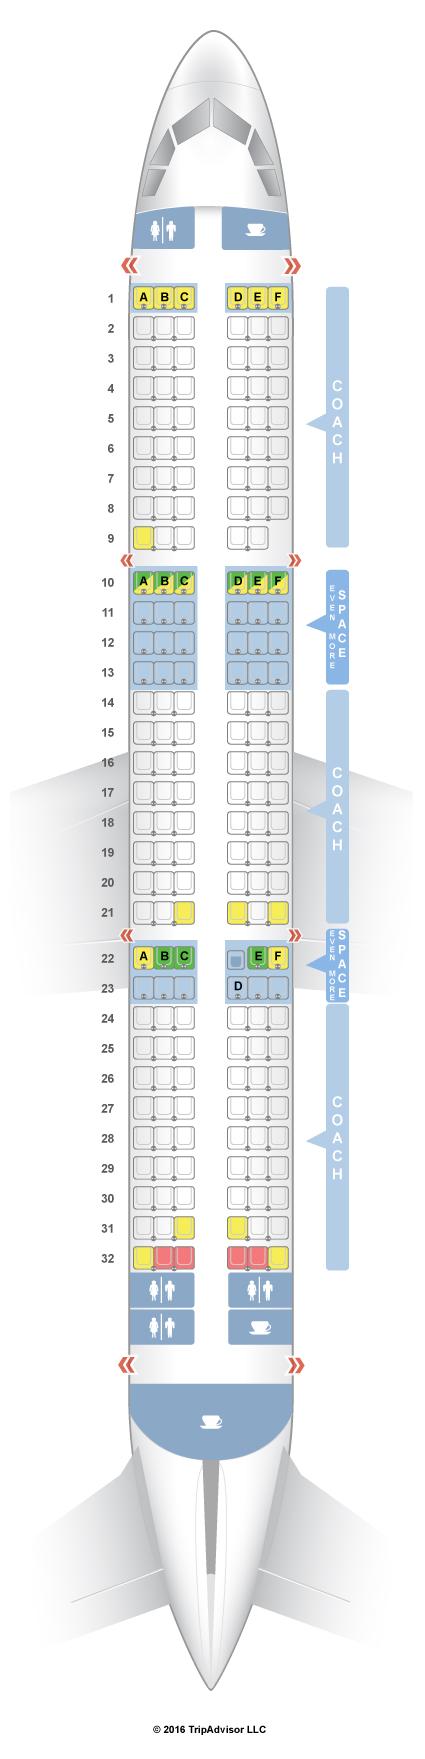 SeatGuru Seat Map JetBlue Airbus A321 (321) V1